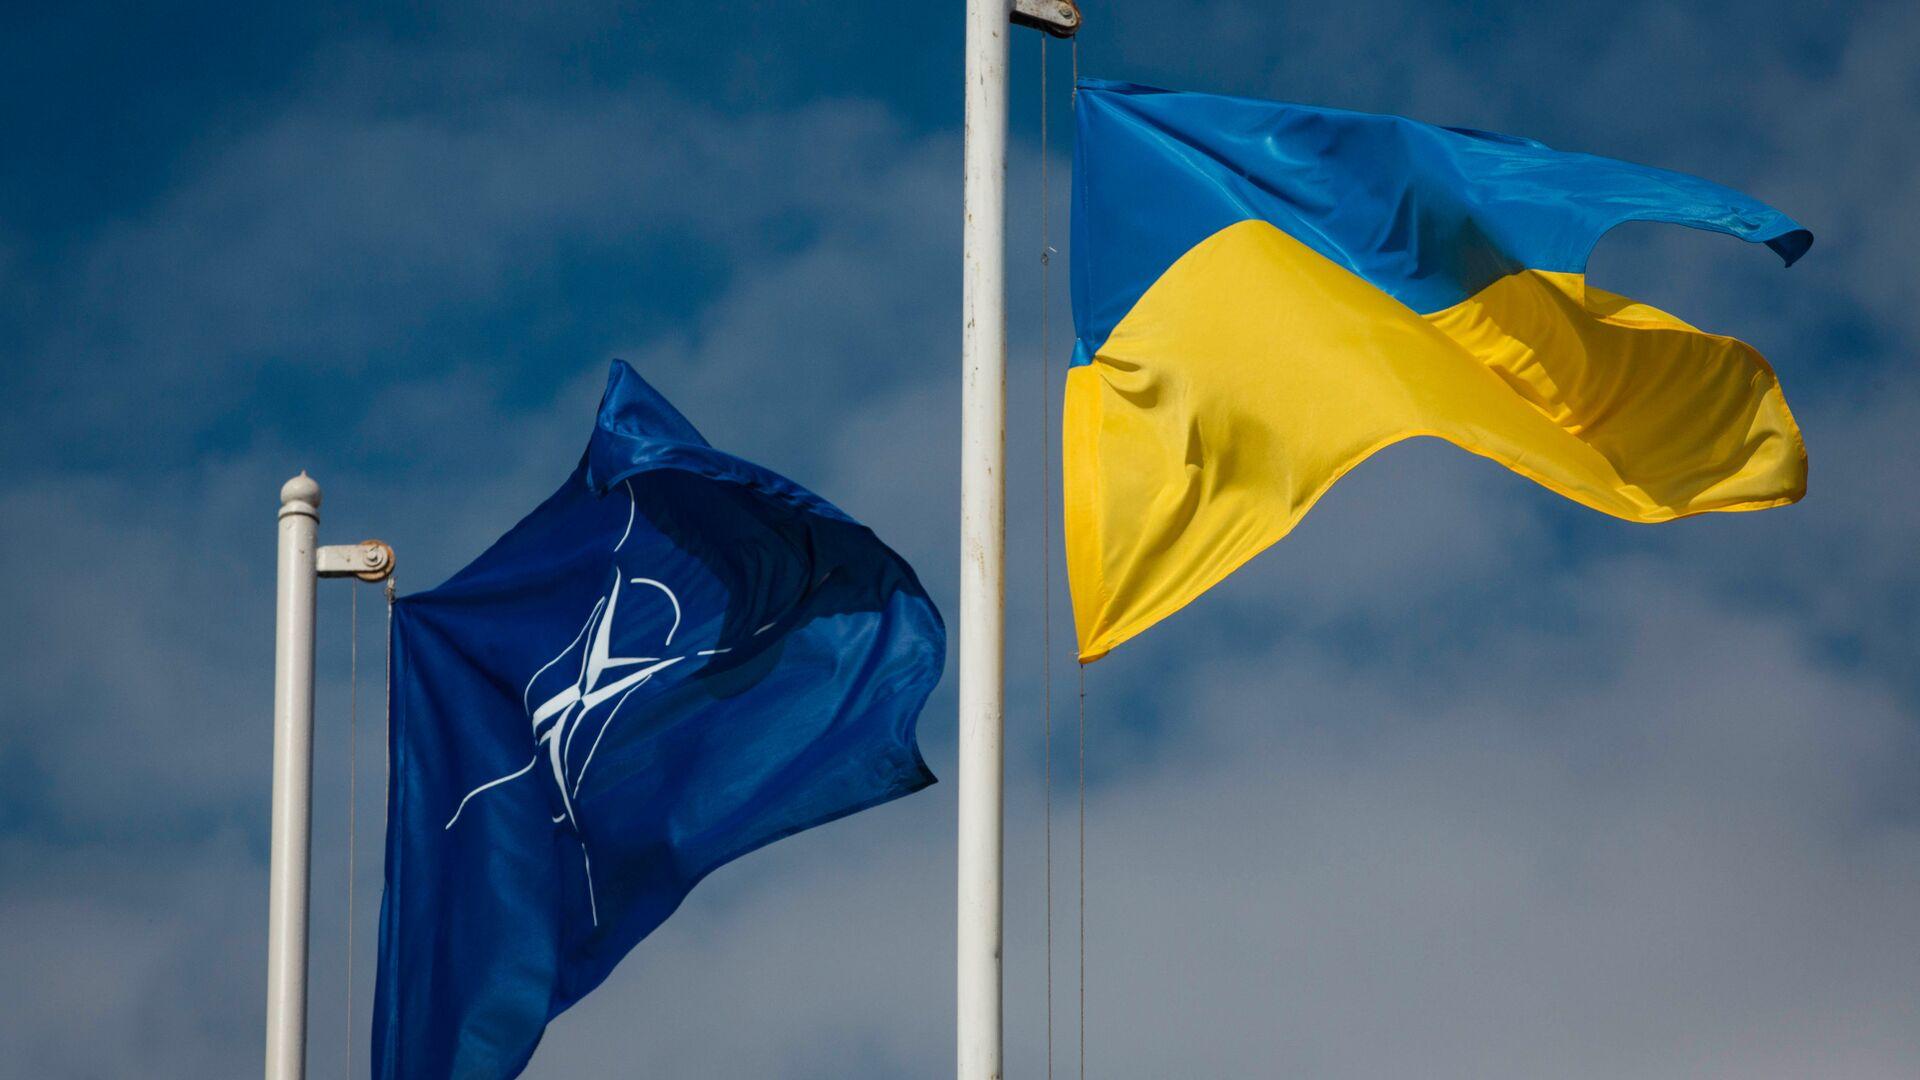 Bandiere dell'Ucraina e della NATO - Sputnik Italia, 1920, 11.06.2021